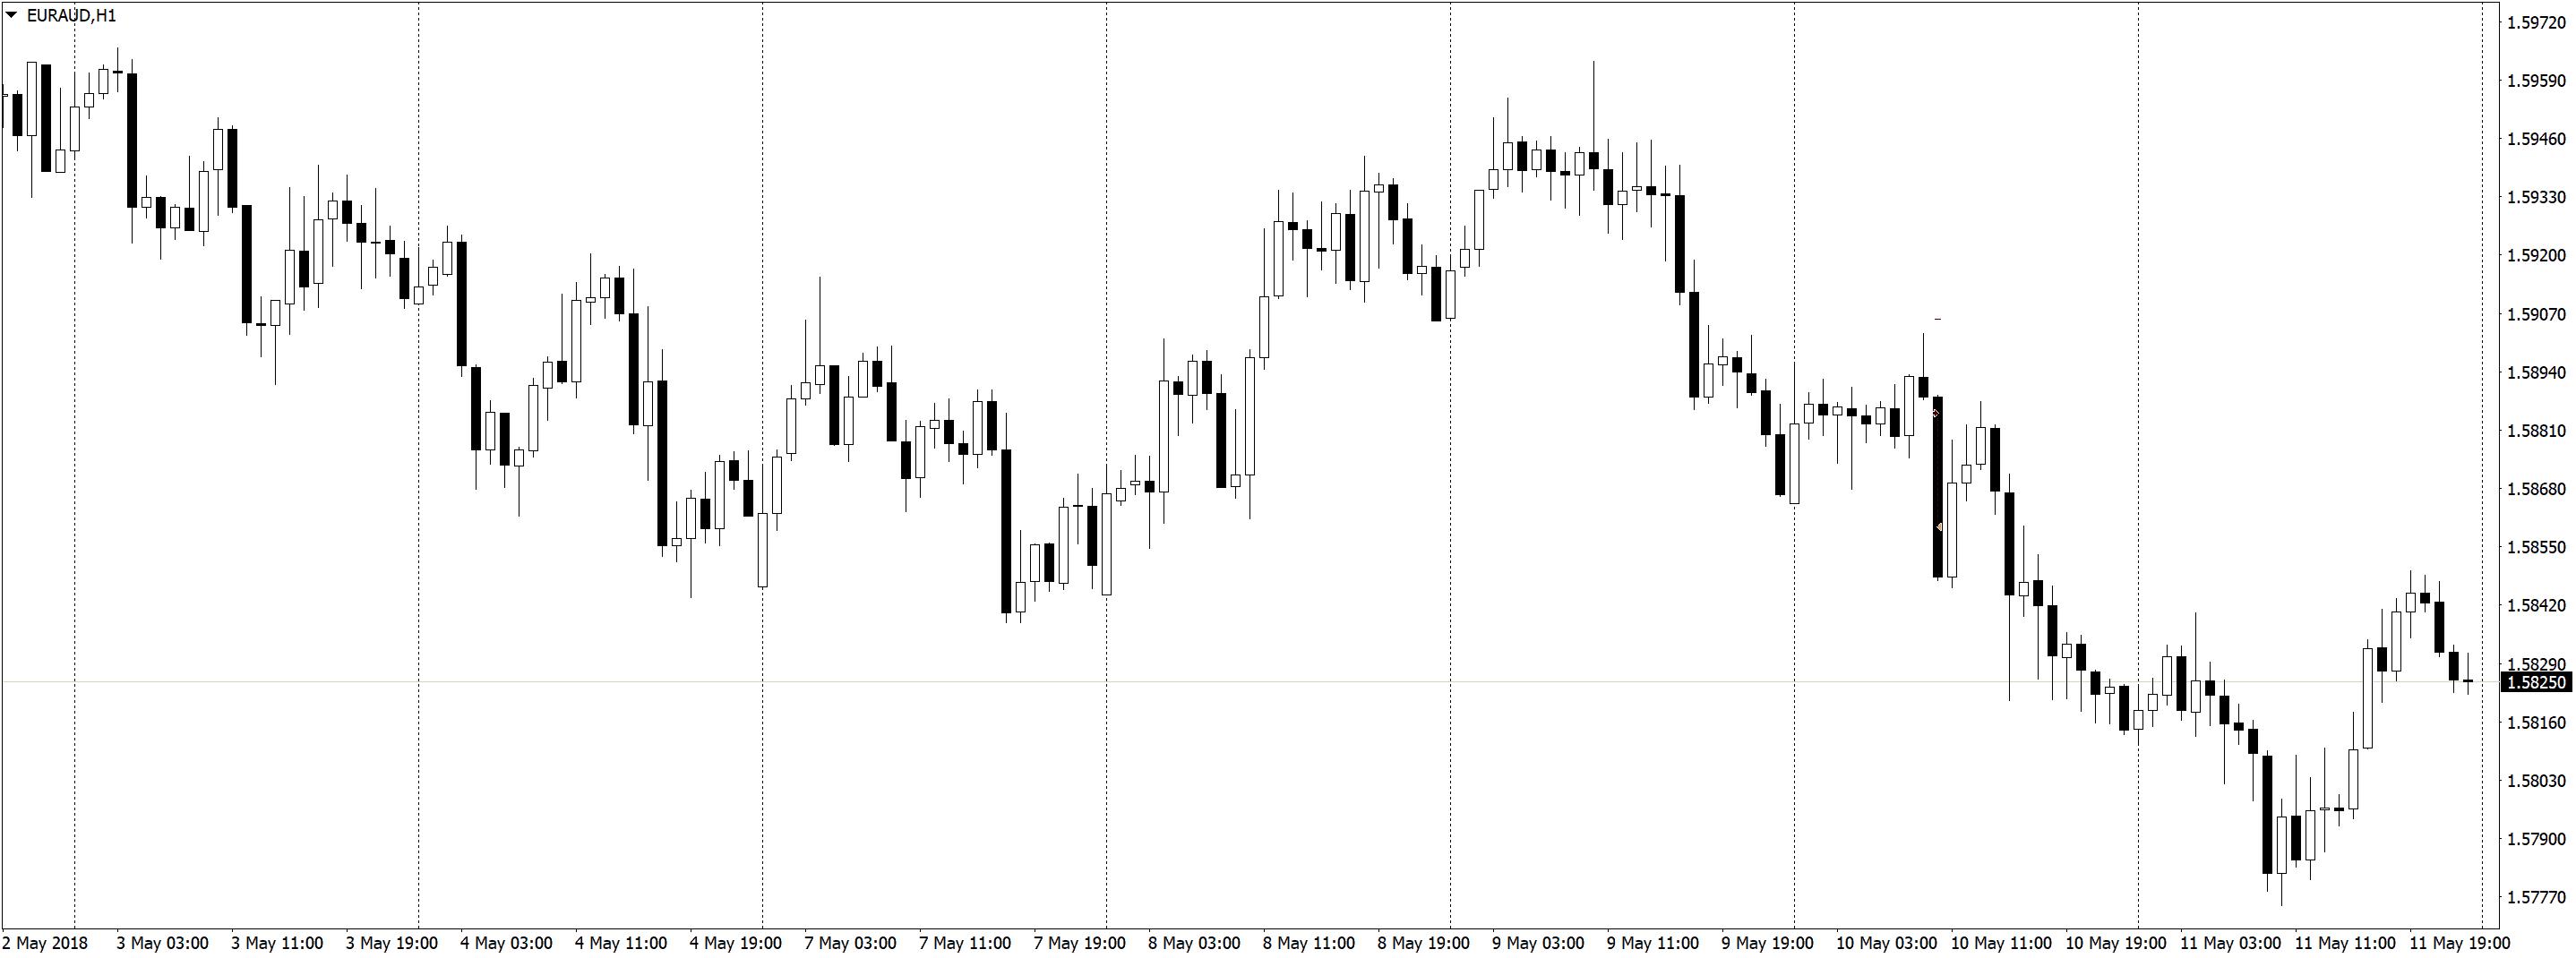 EURAUDH1 1 Положительная доходность в трейдинге, торговле по M5 и M1